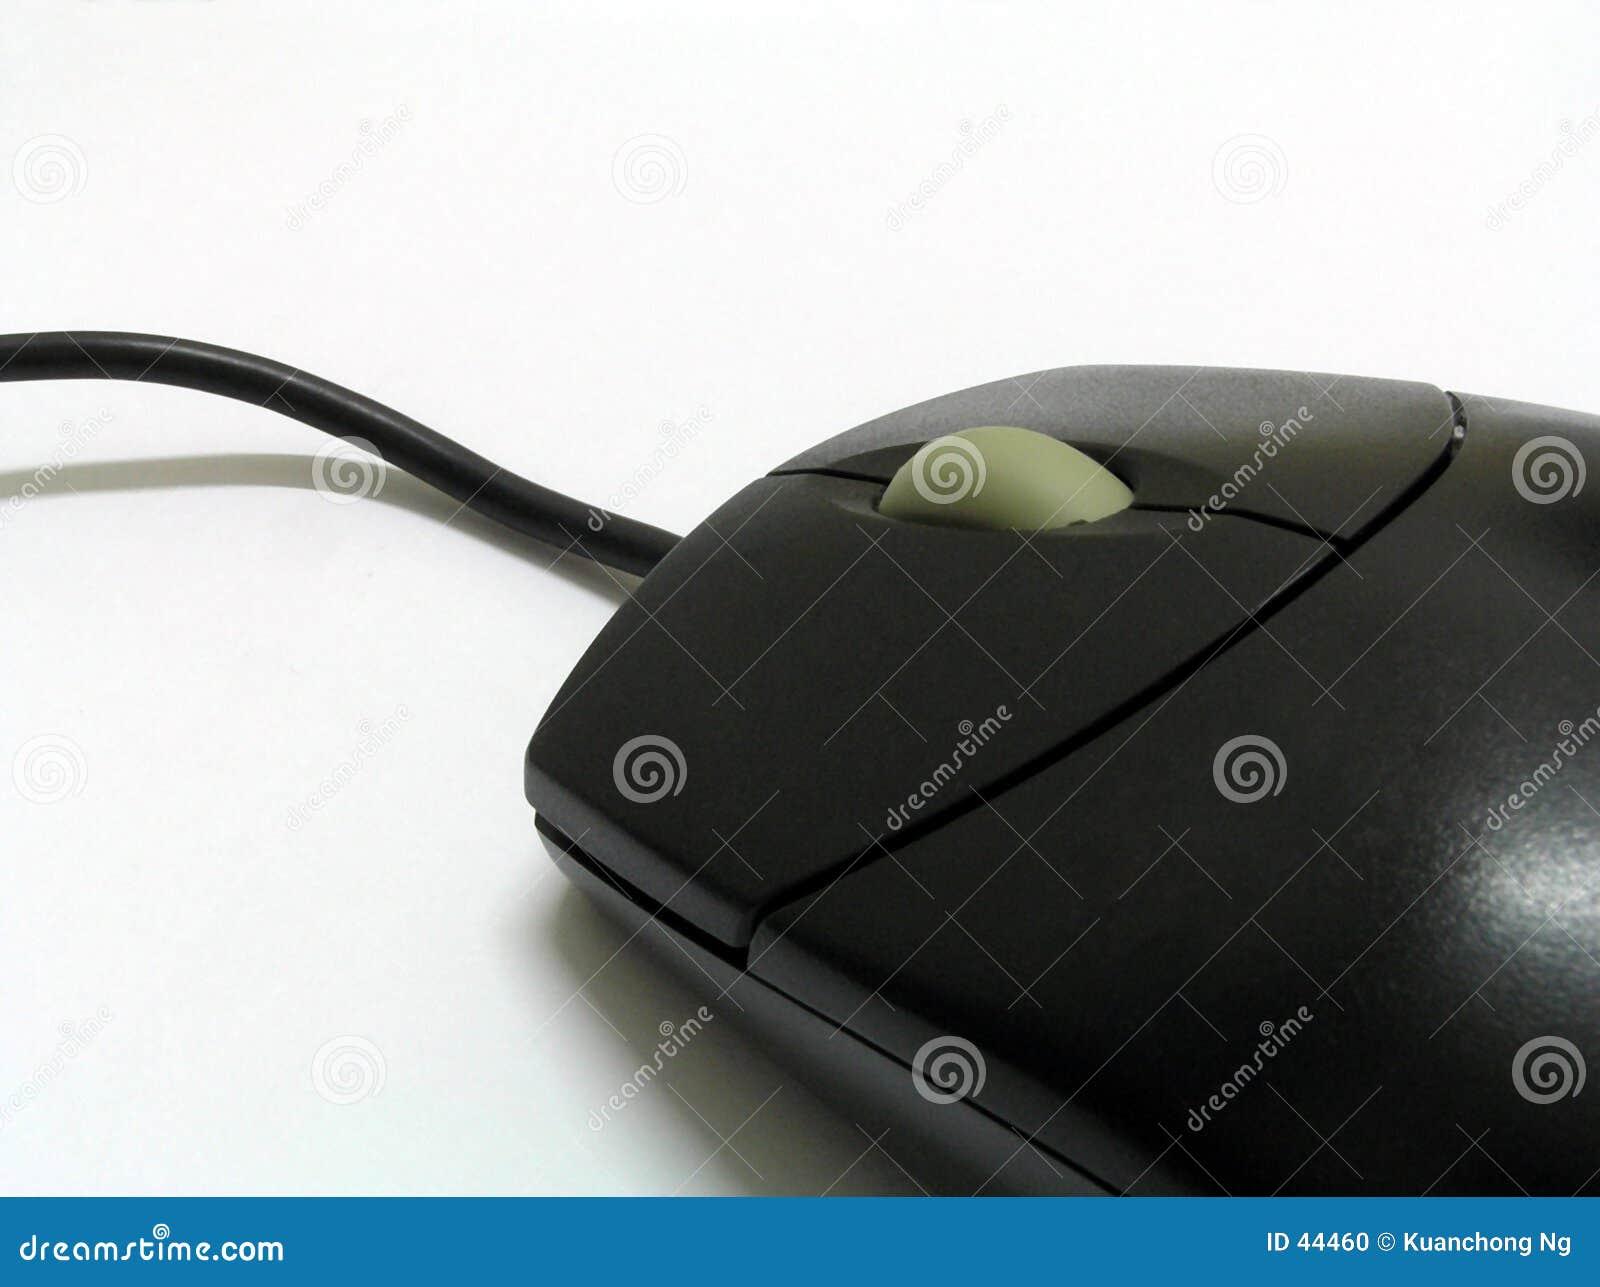 Download Zwarte Muis stock foto. Afbeelding bestaande uit technologie - 44460